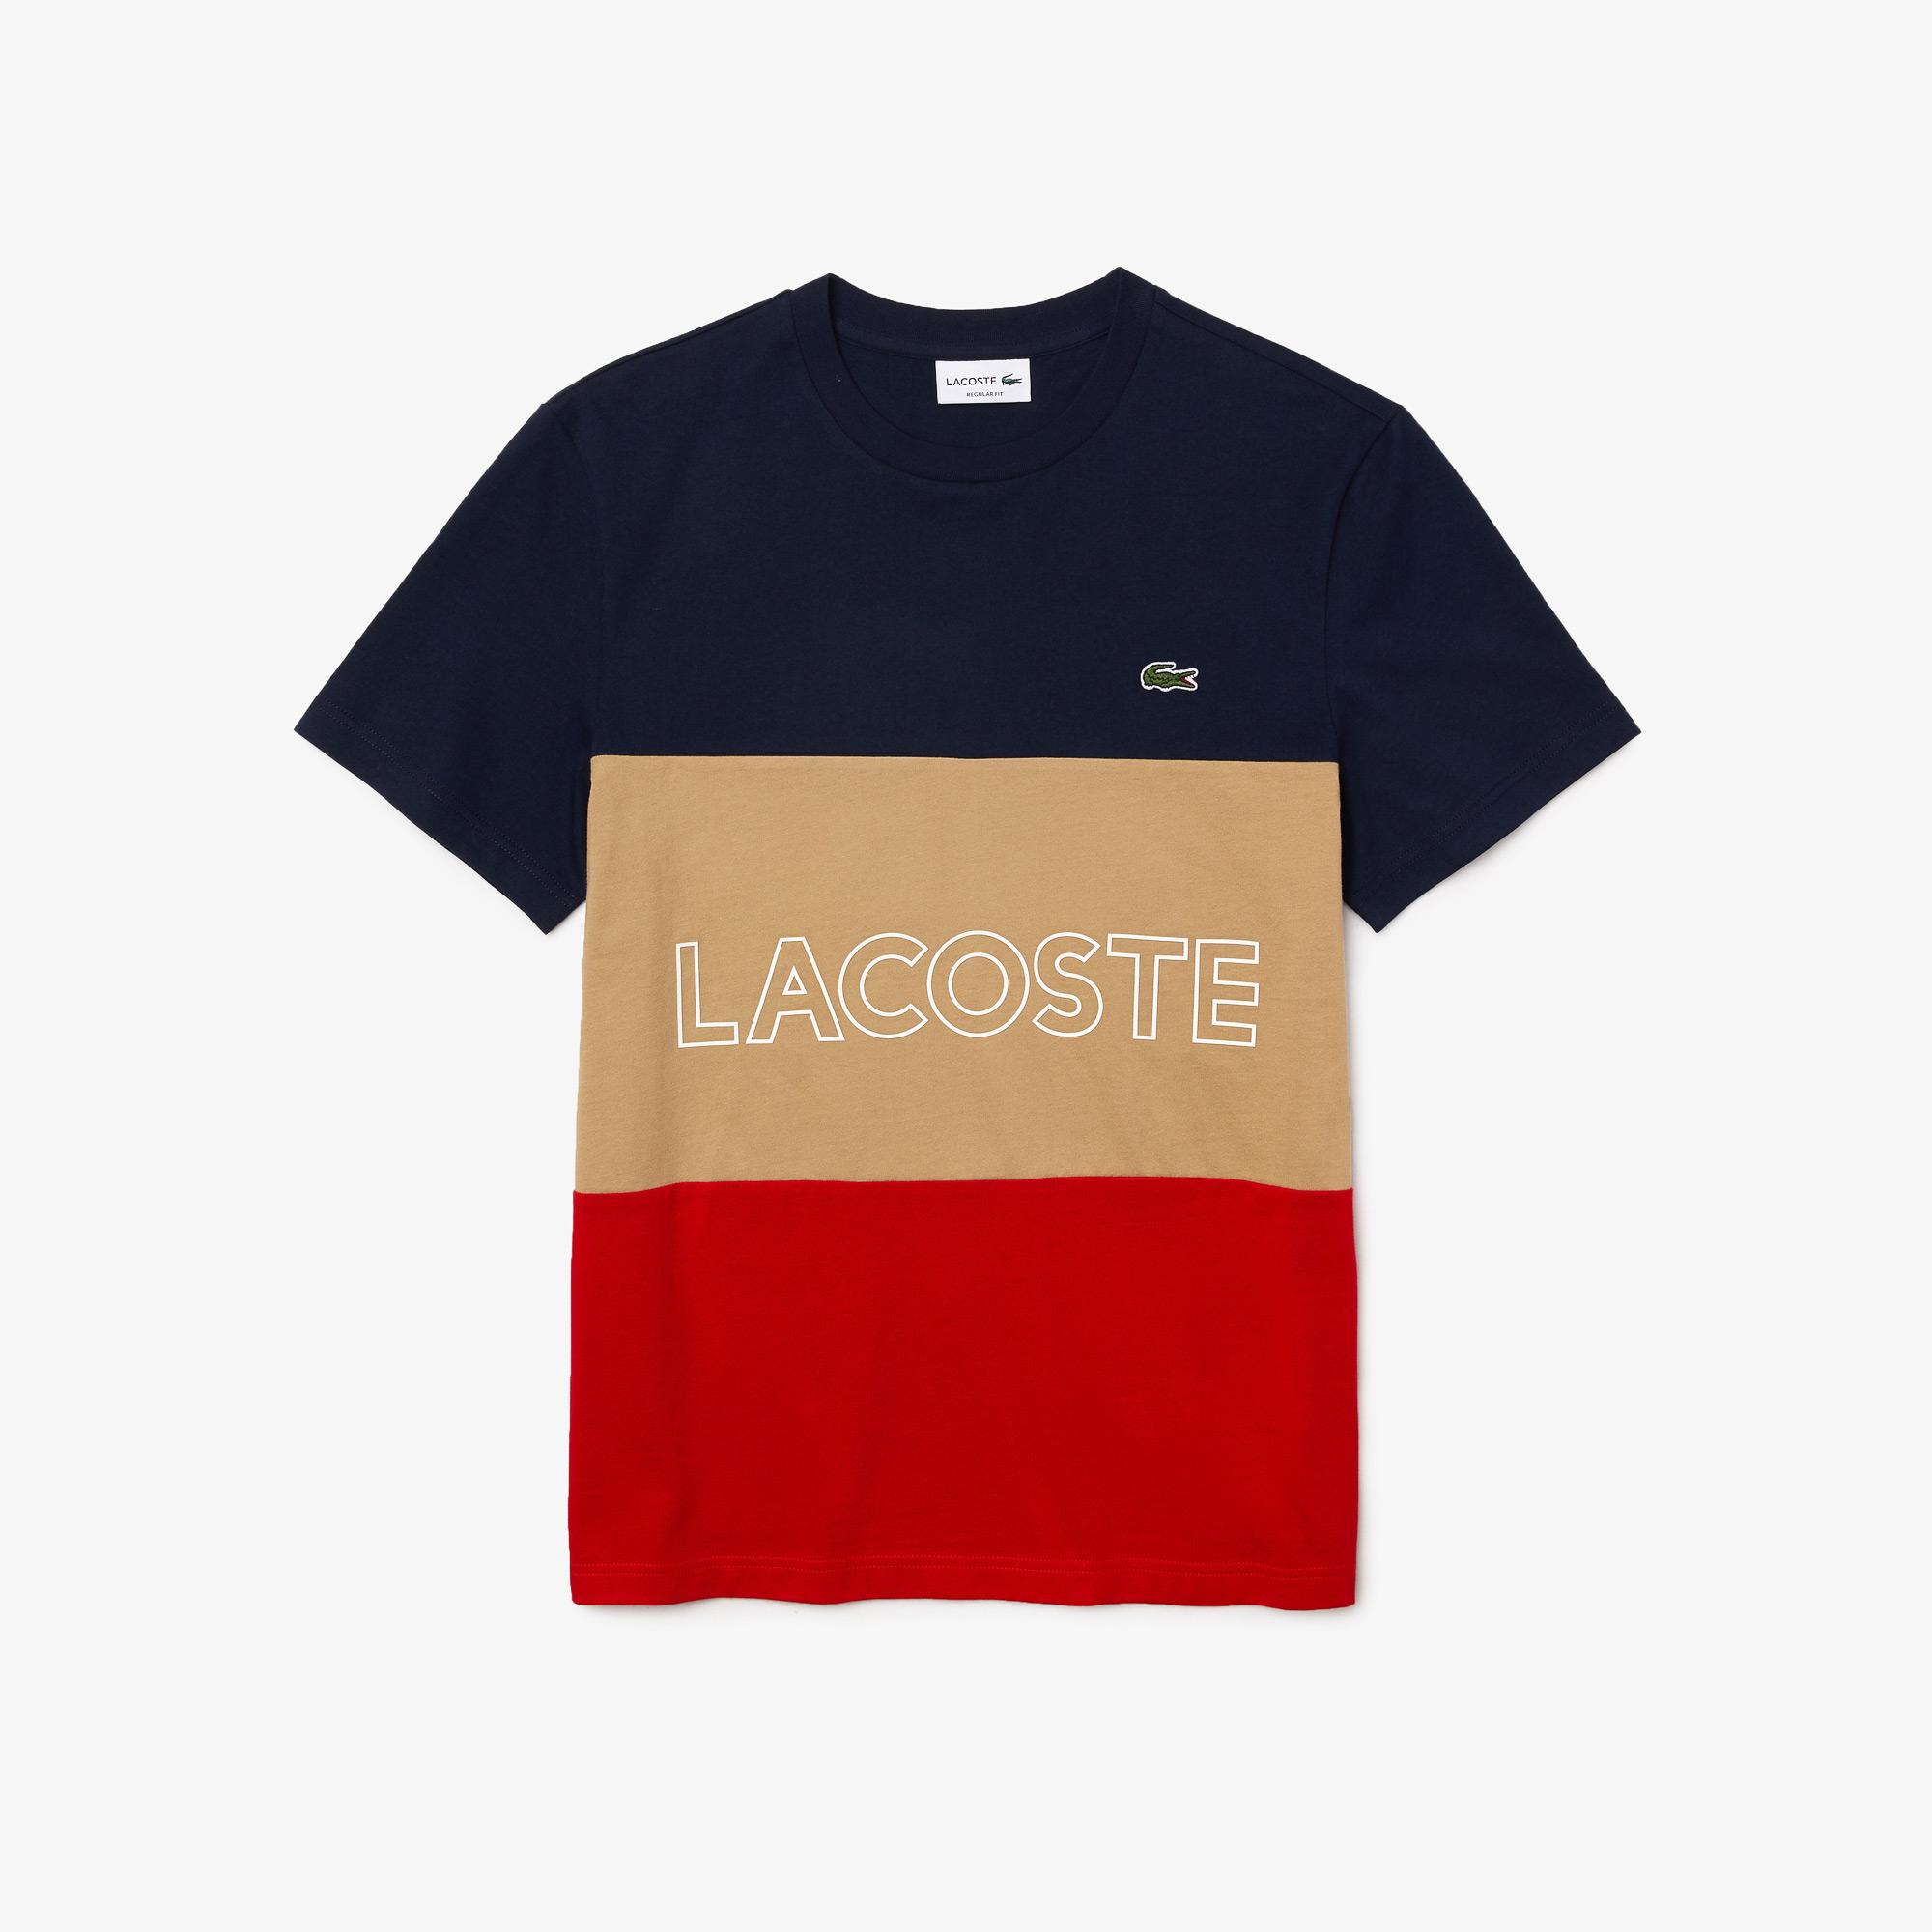 Lacoste T-shirt męski z bawełny, z okrągłym dekoltem, z napisem 3D i w bloki kolorystyczne